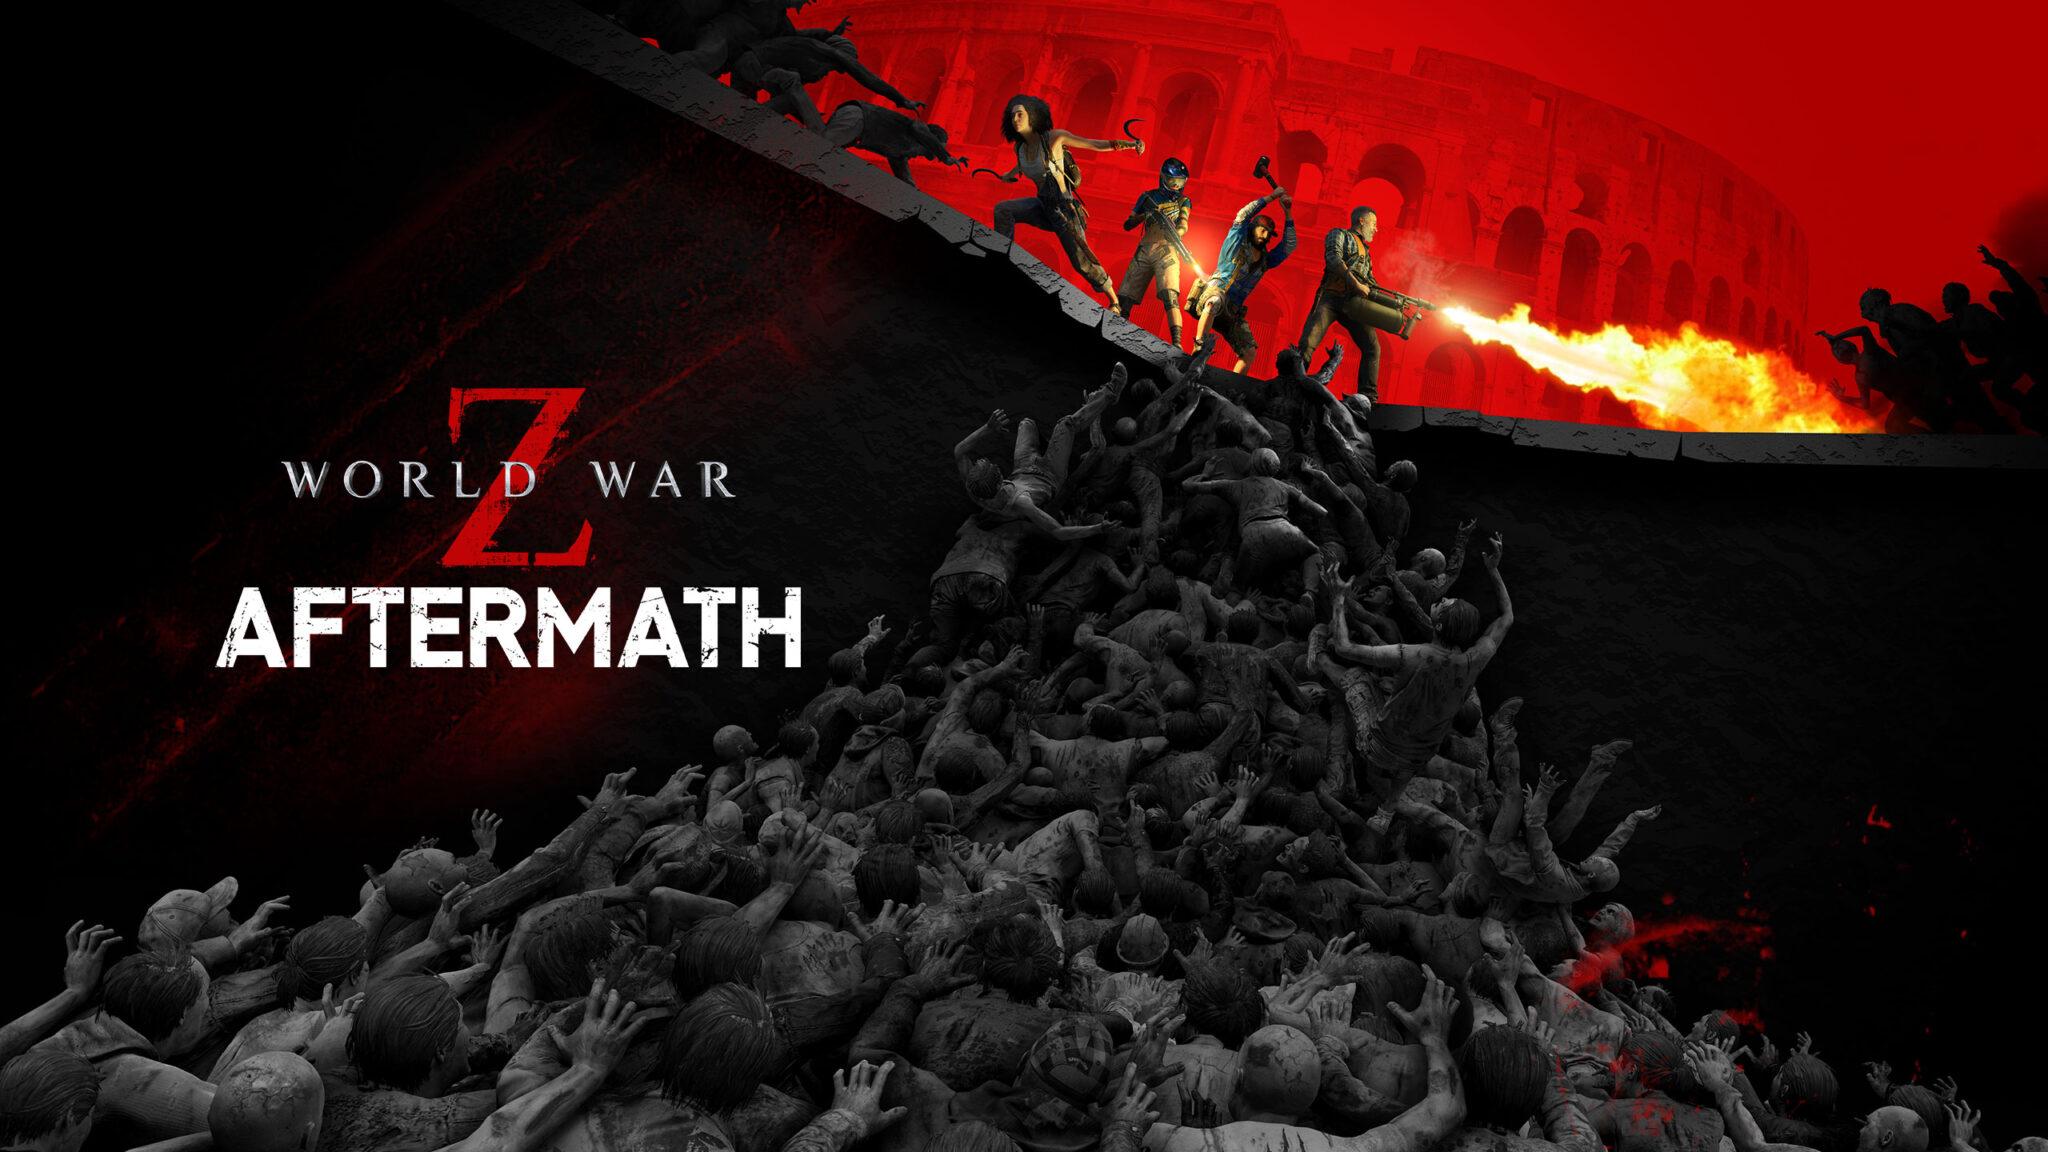 نقد و بررسی بازی World War Z: Aftermath؛ خونی تازه در رگهای خسته